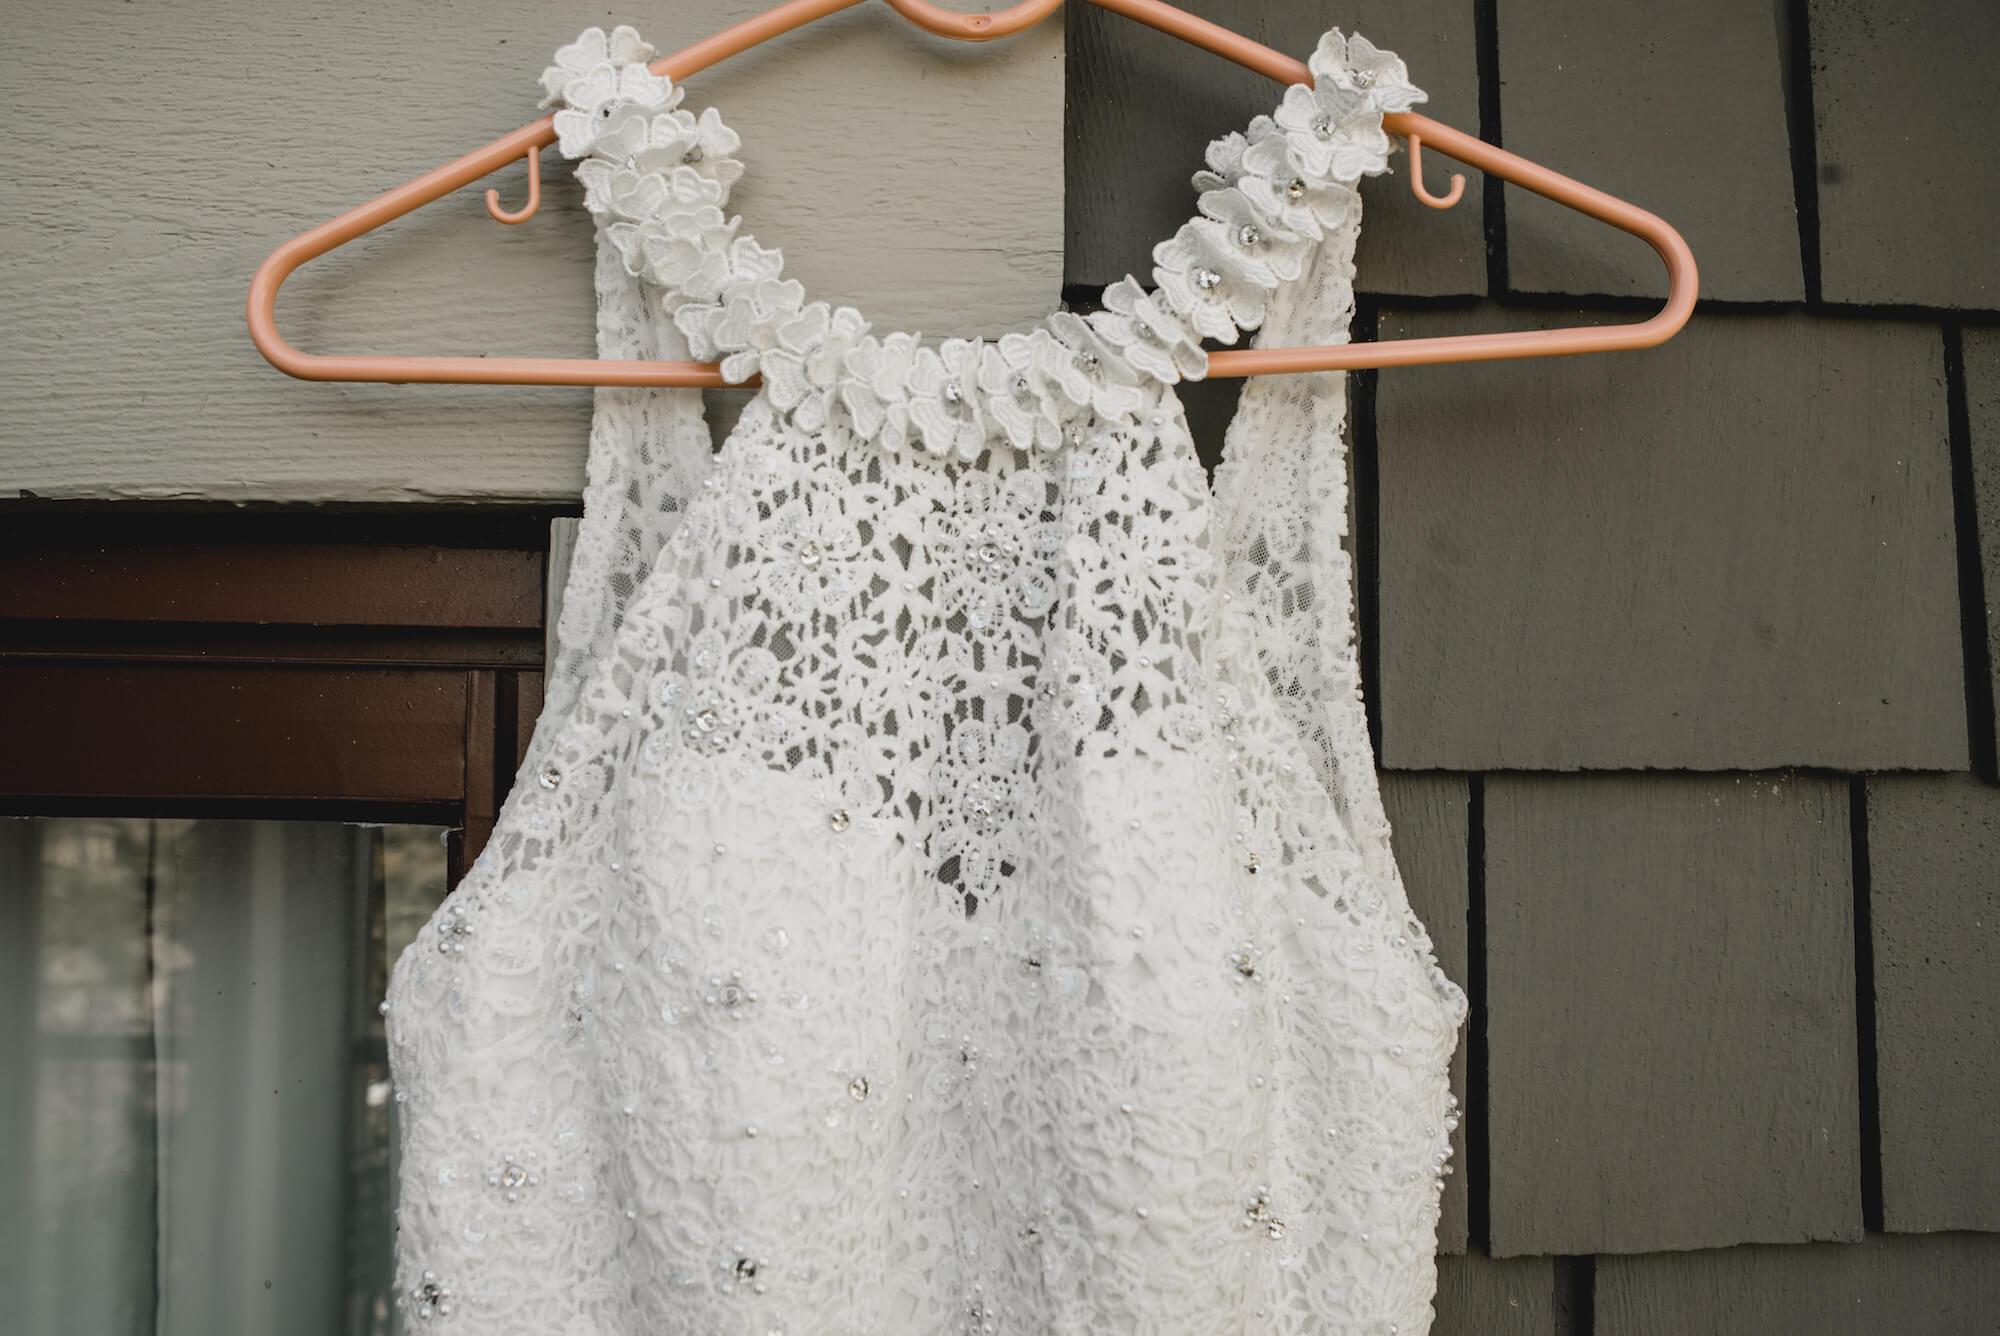 engle-olson-tammy-marc-wedding-3.jpg